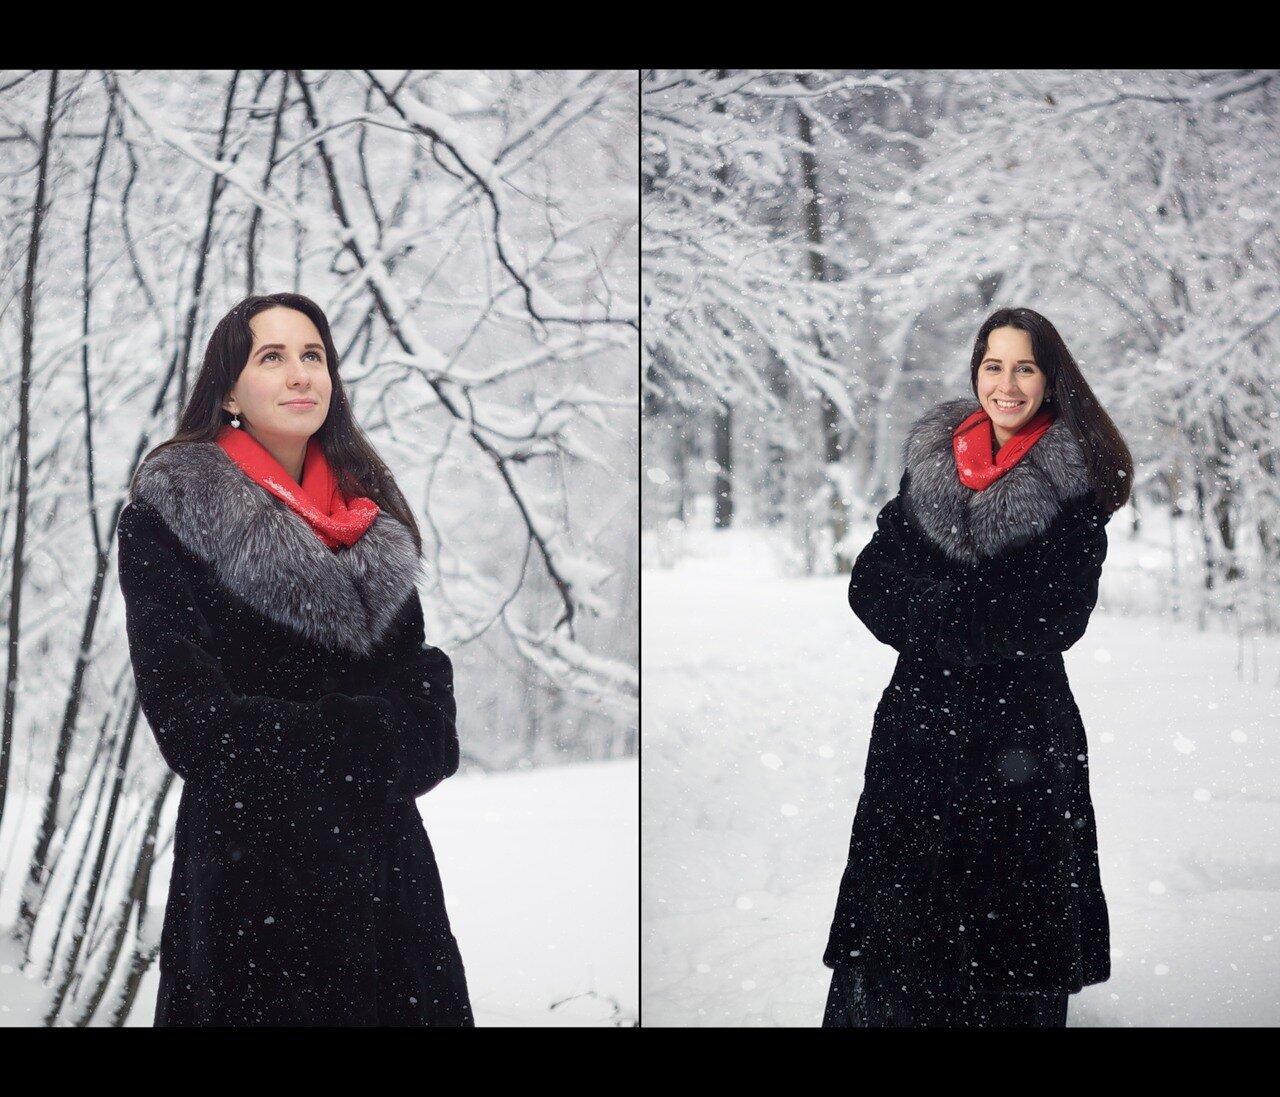 Ксения - фотография зимой